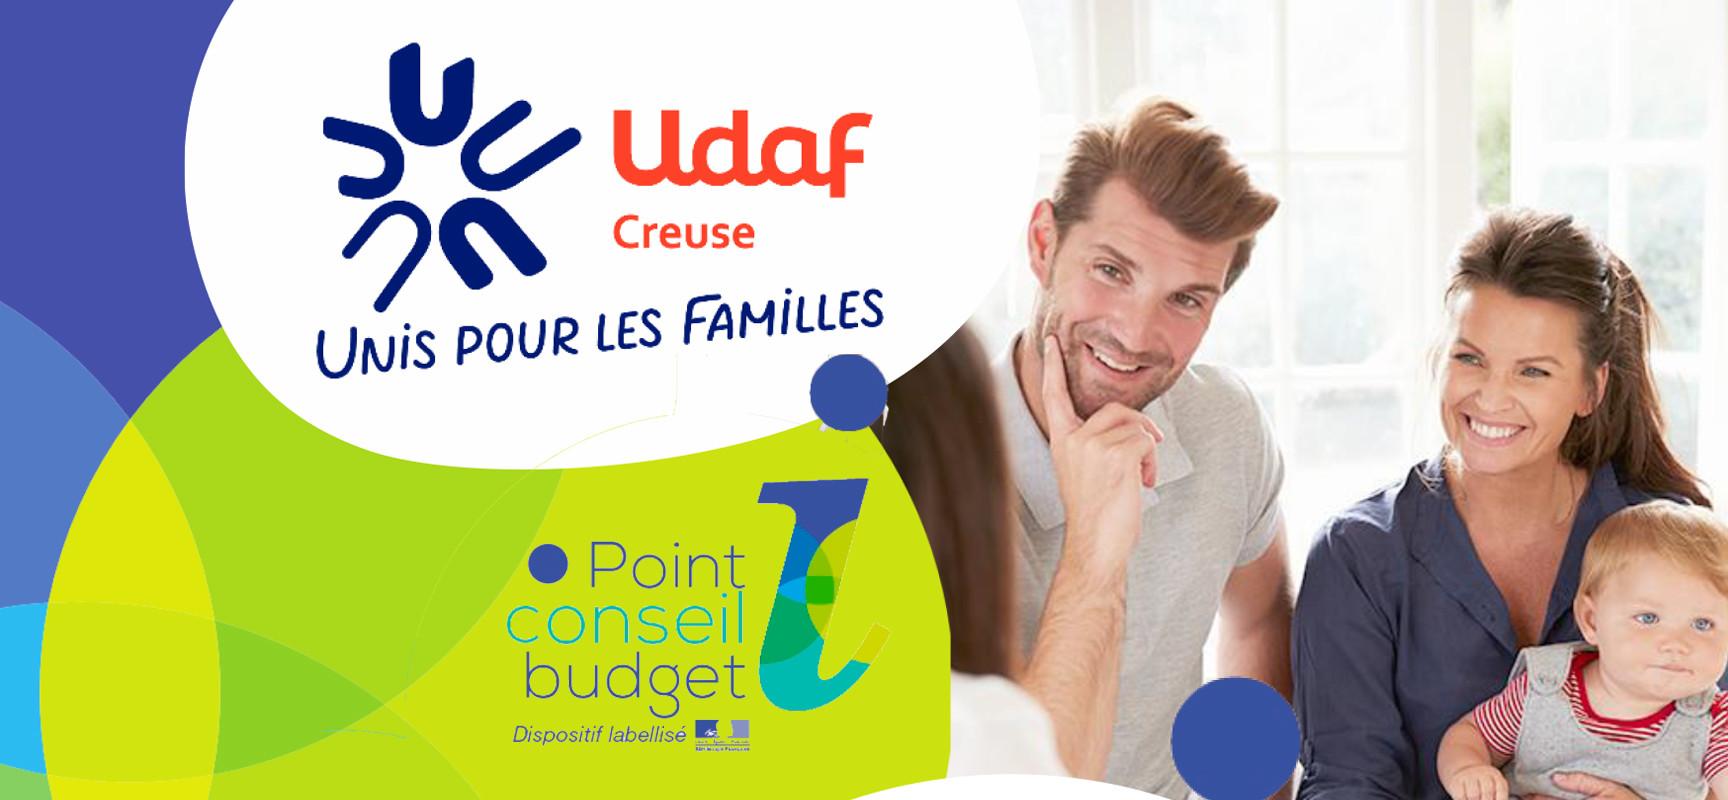 Point conseil budget : nouveau service de l'Udaf de Creuse – Mars 2021 -